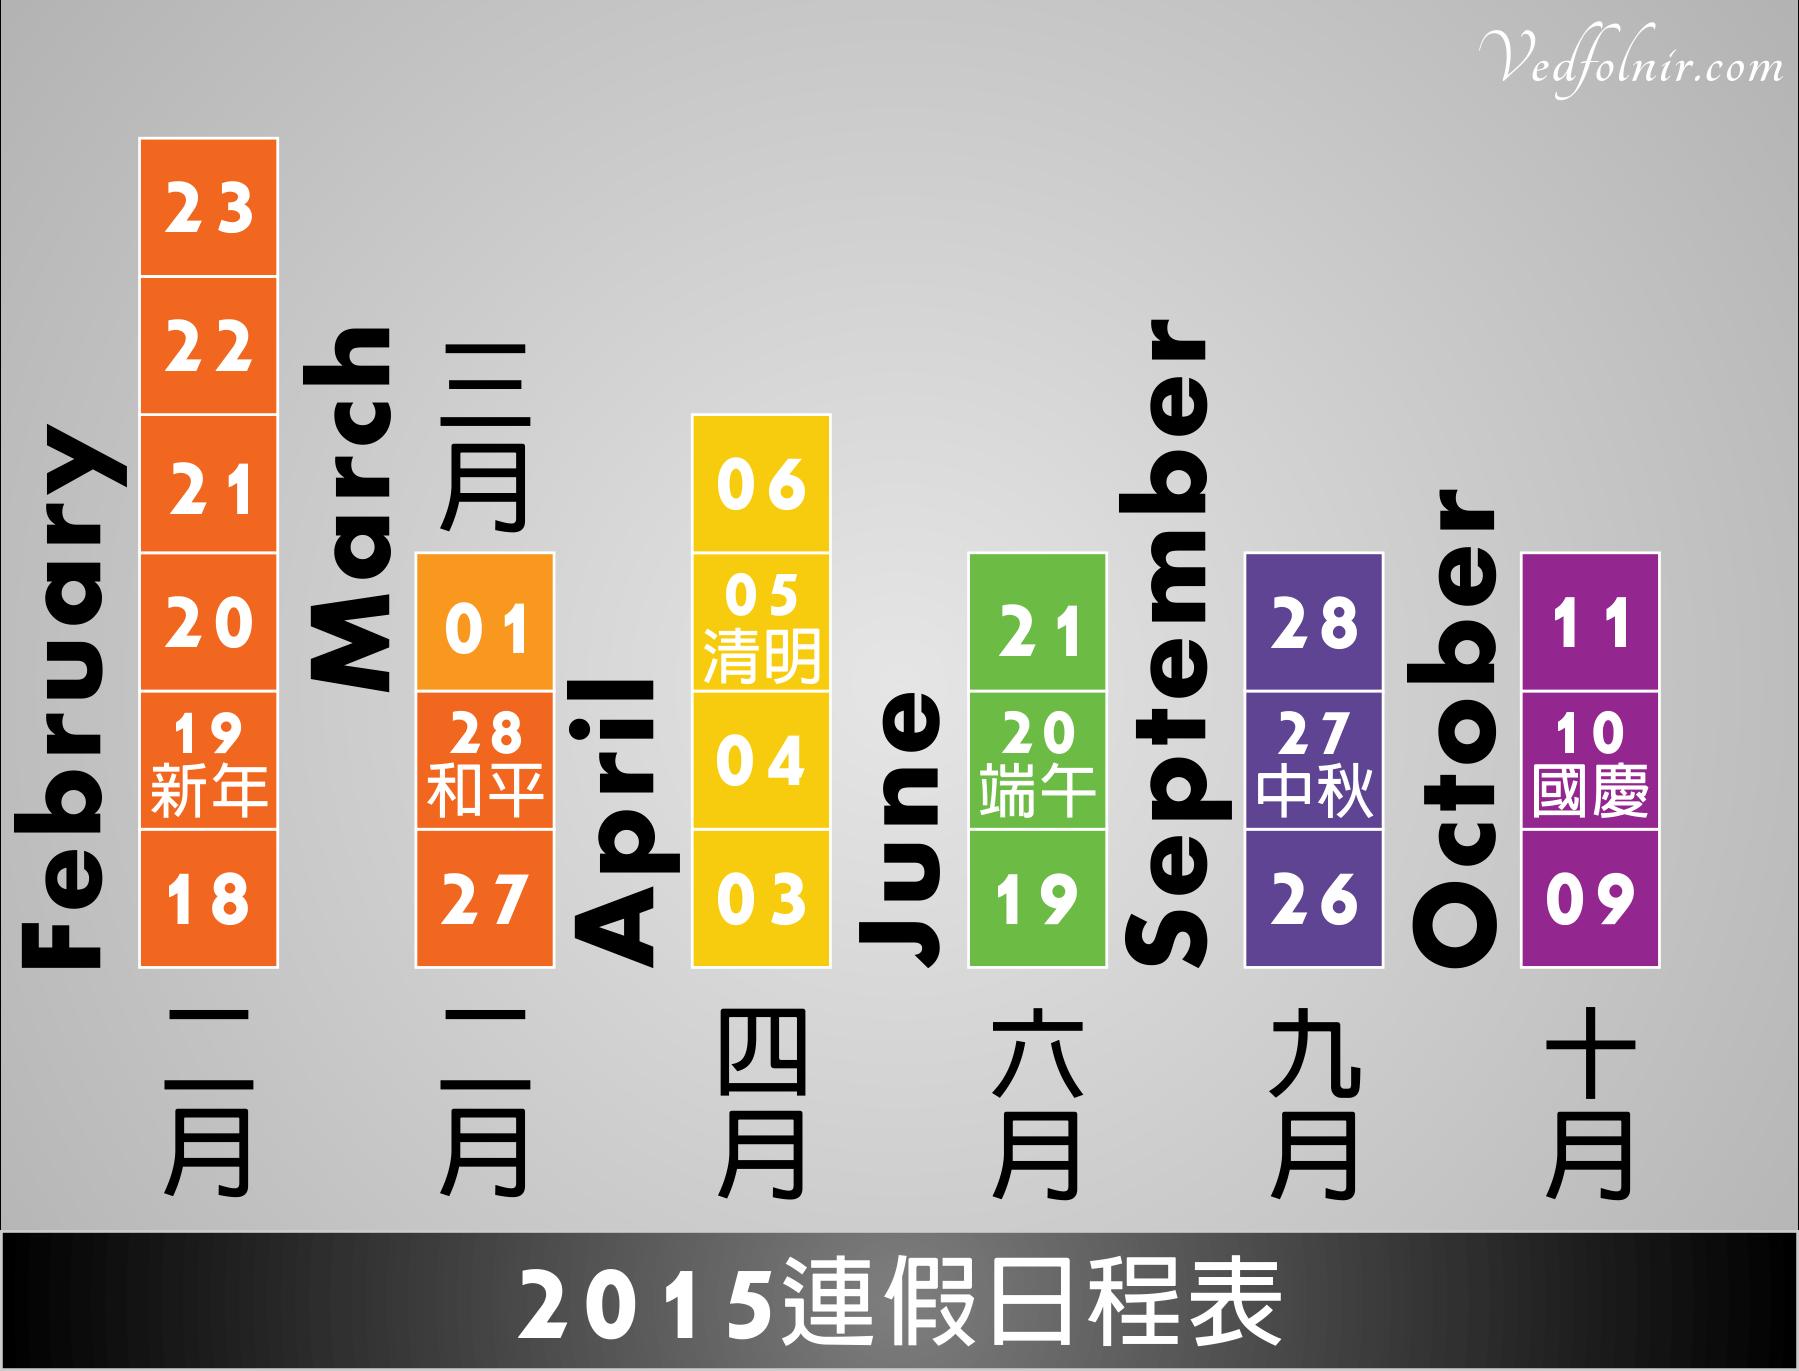 2015-104-年-放假-假期-連假-日程表-vedfolnir-deigned